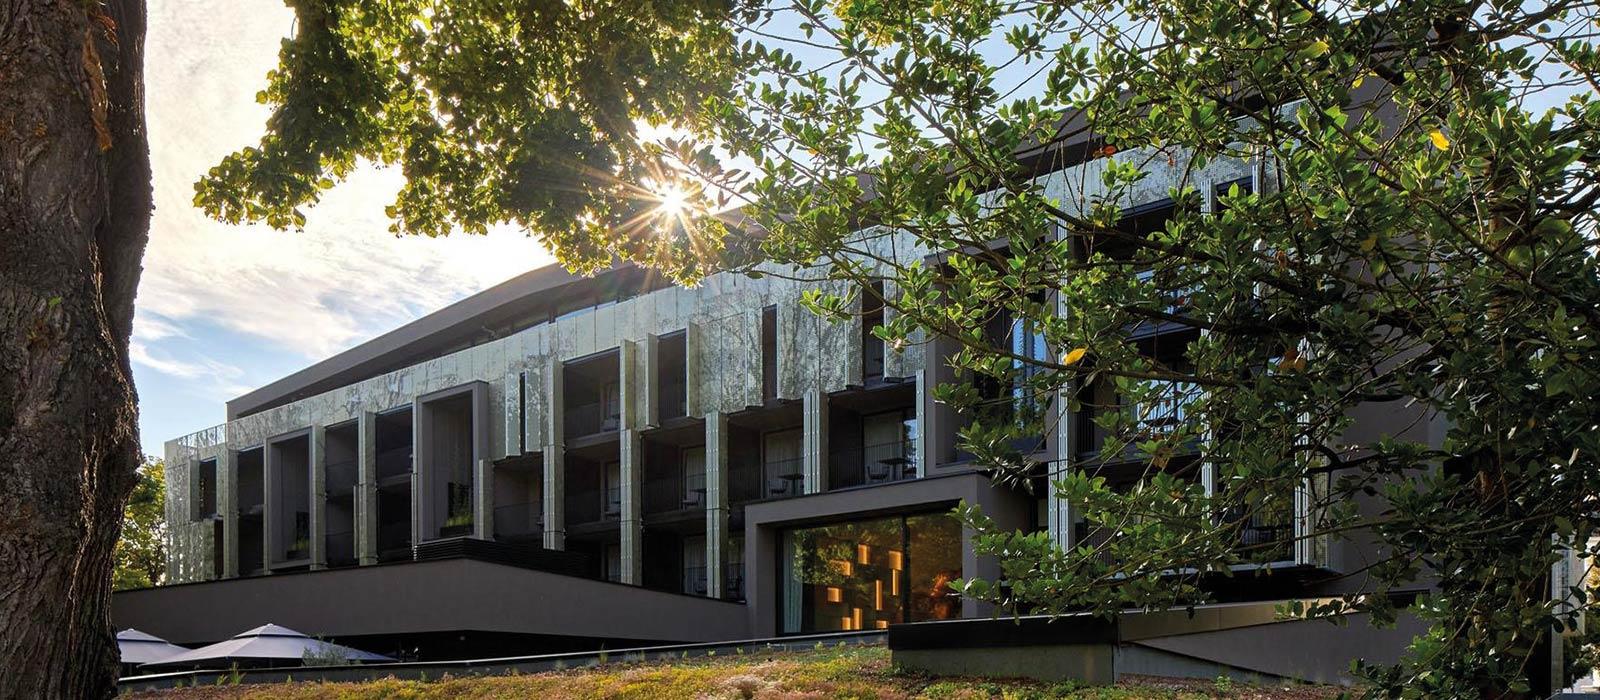 L'Esquisse Hôtel & Spa, la nouvelle adresse d'exception alsacienne